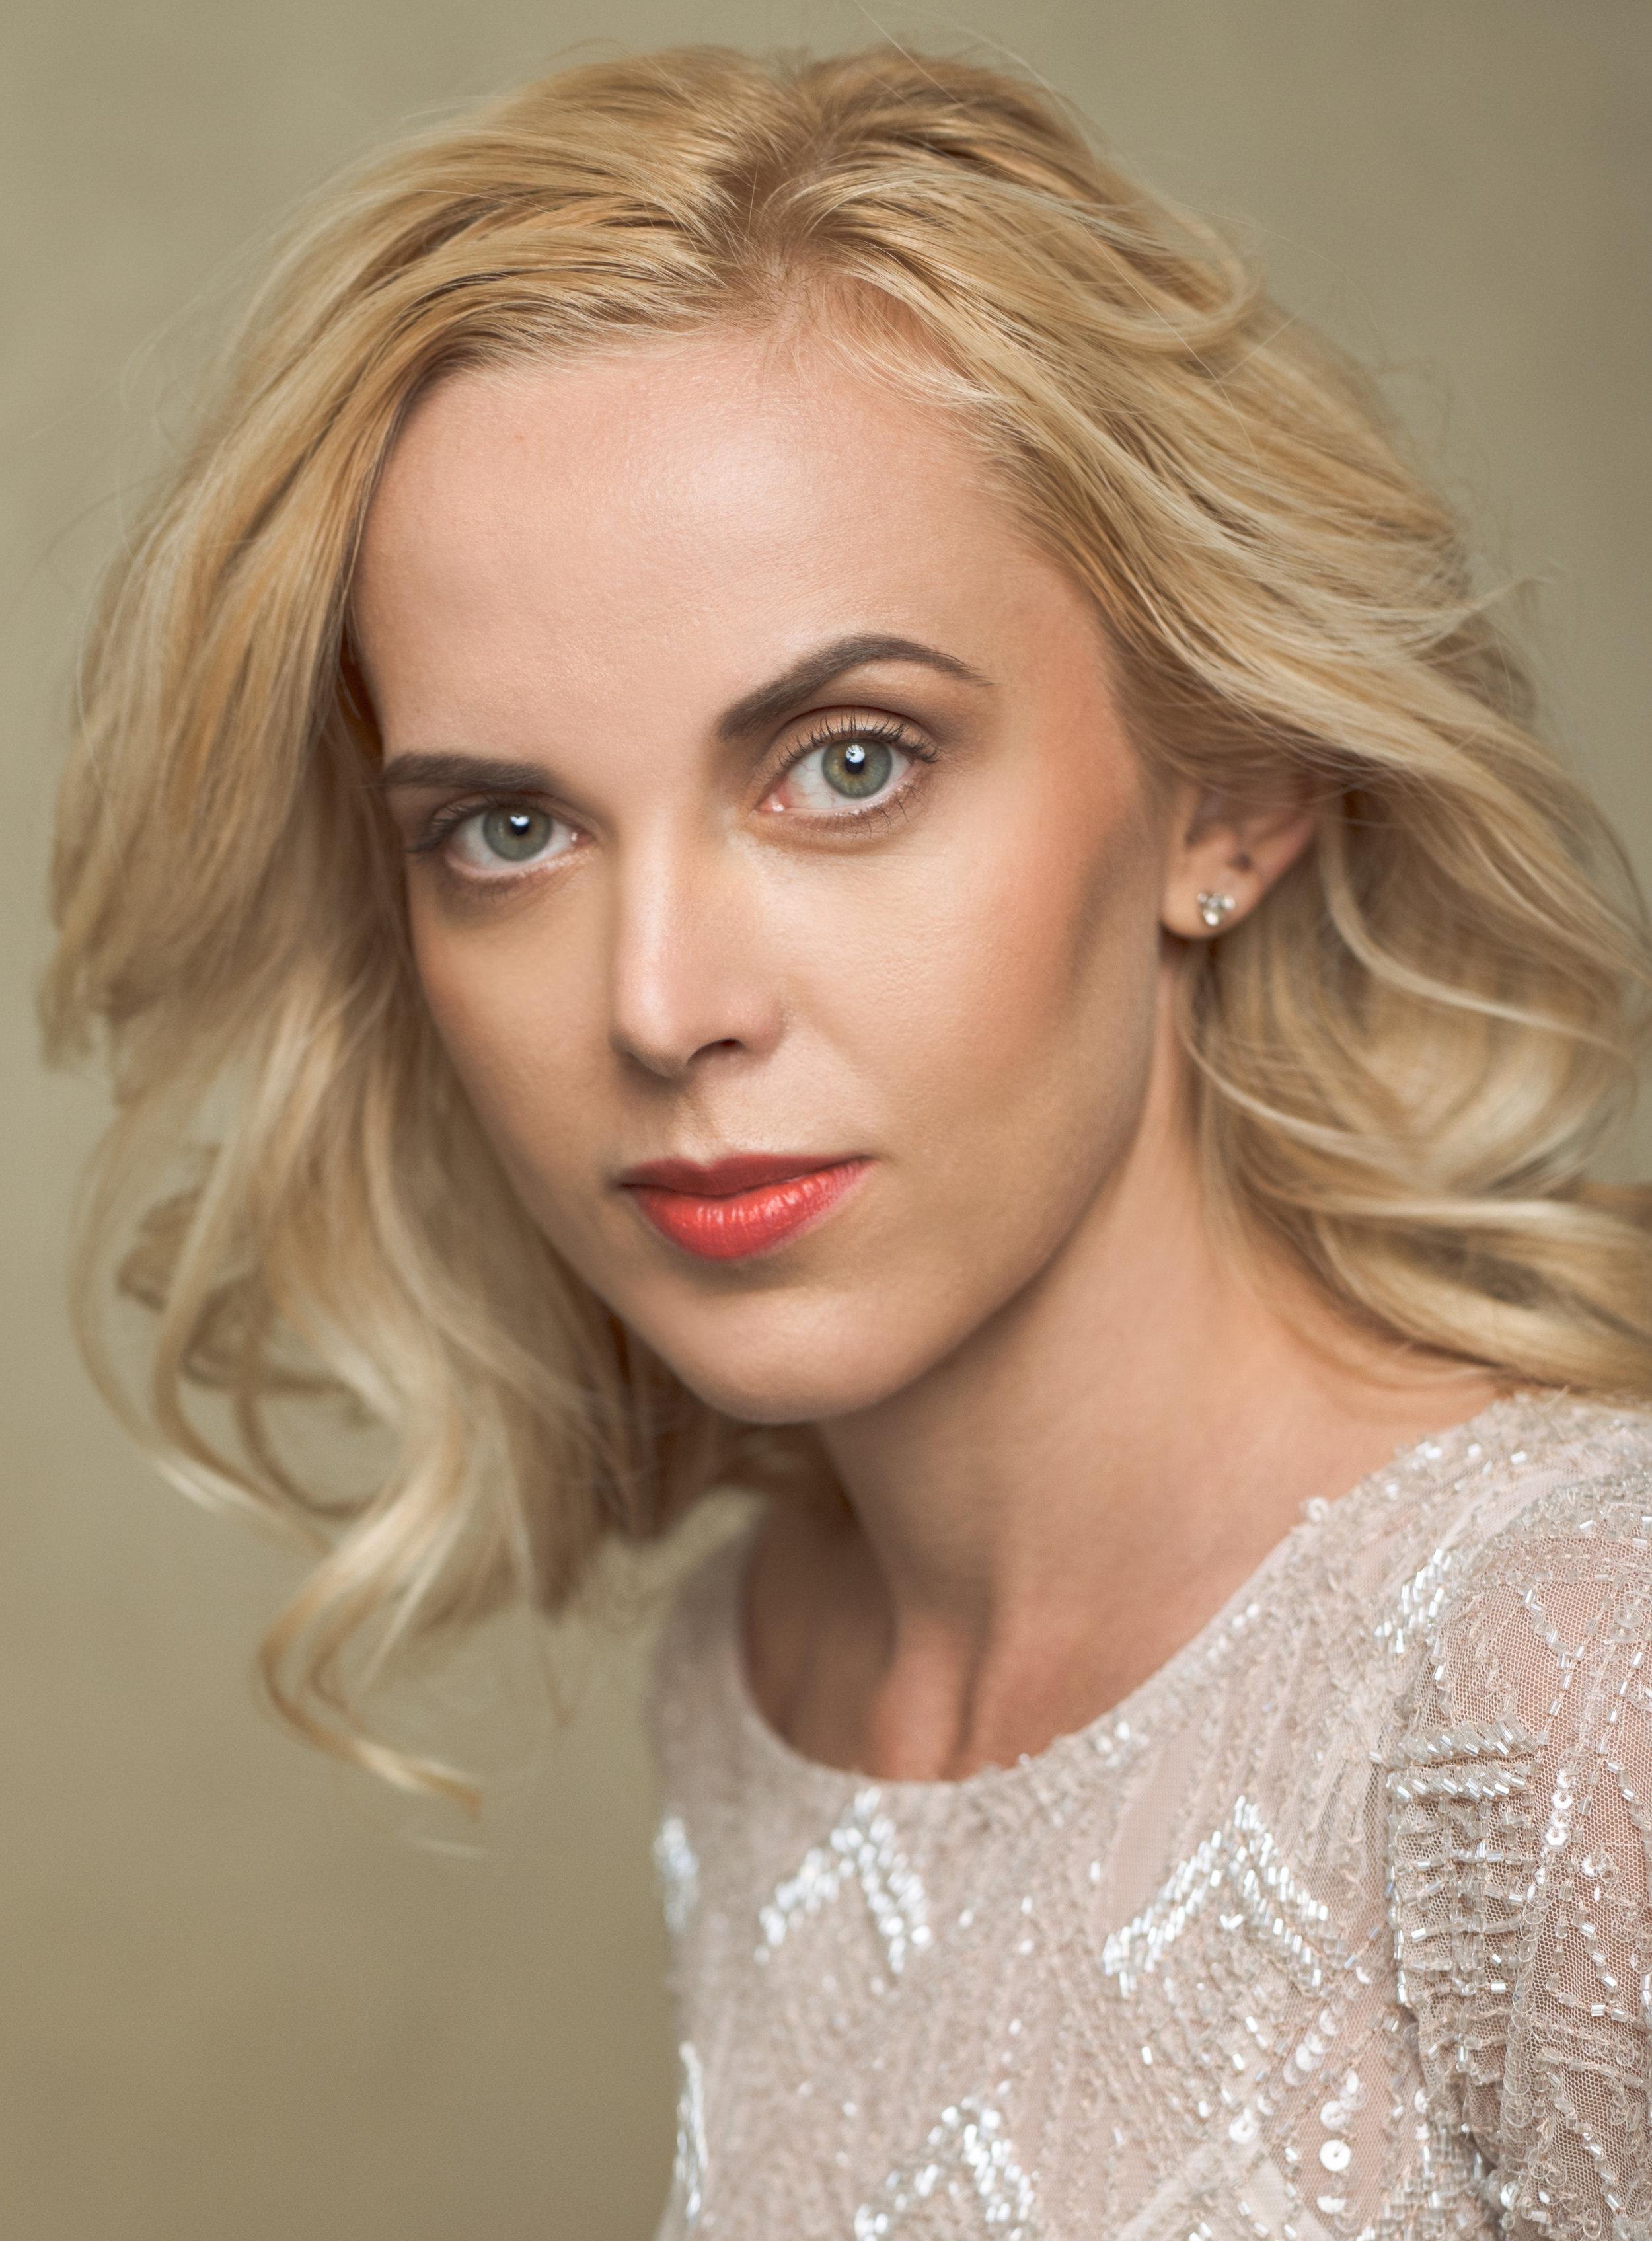 Tricia-Bennett-makeup-hair2.jpg